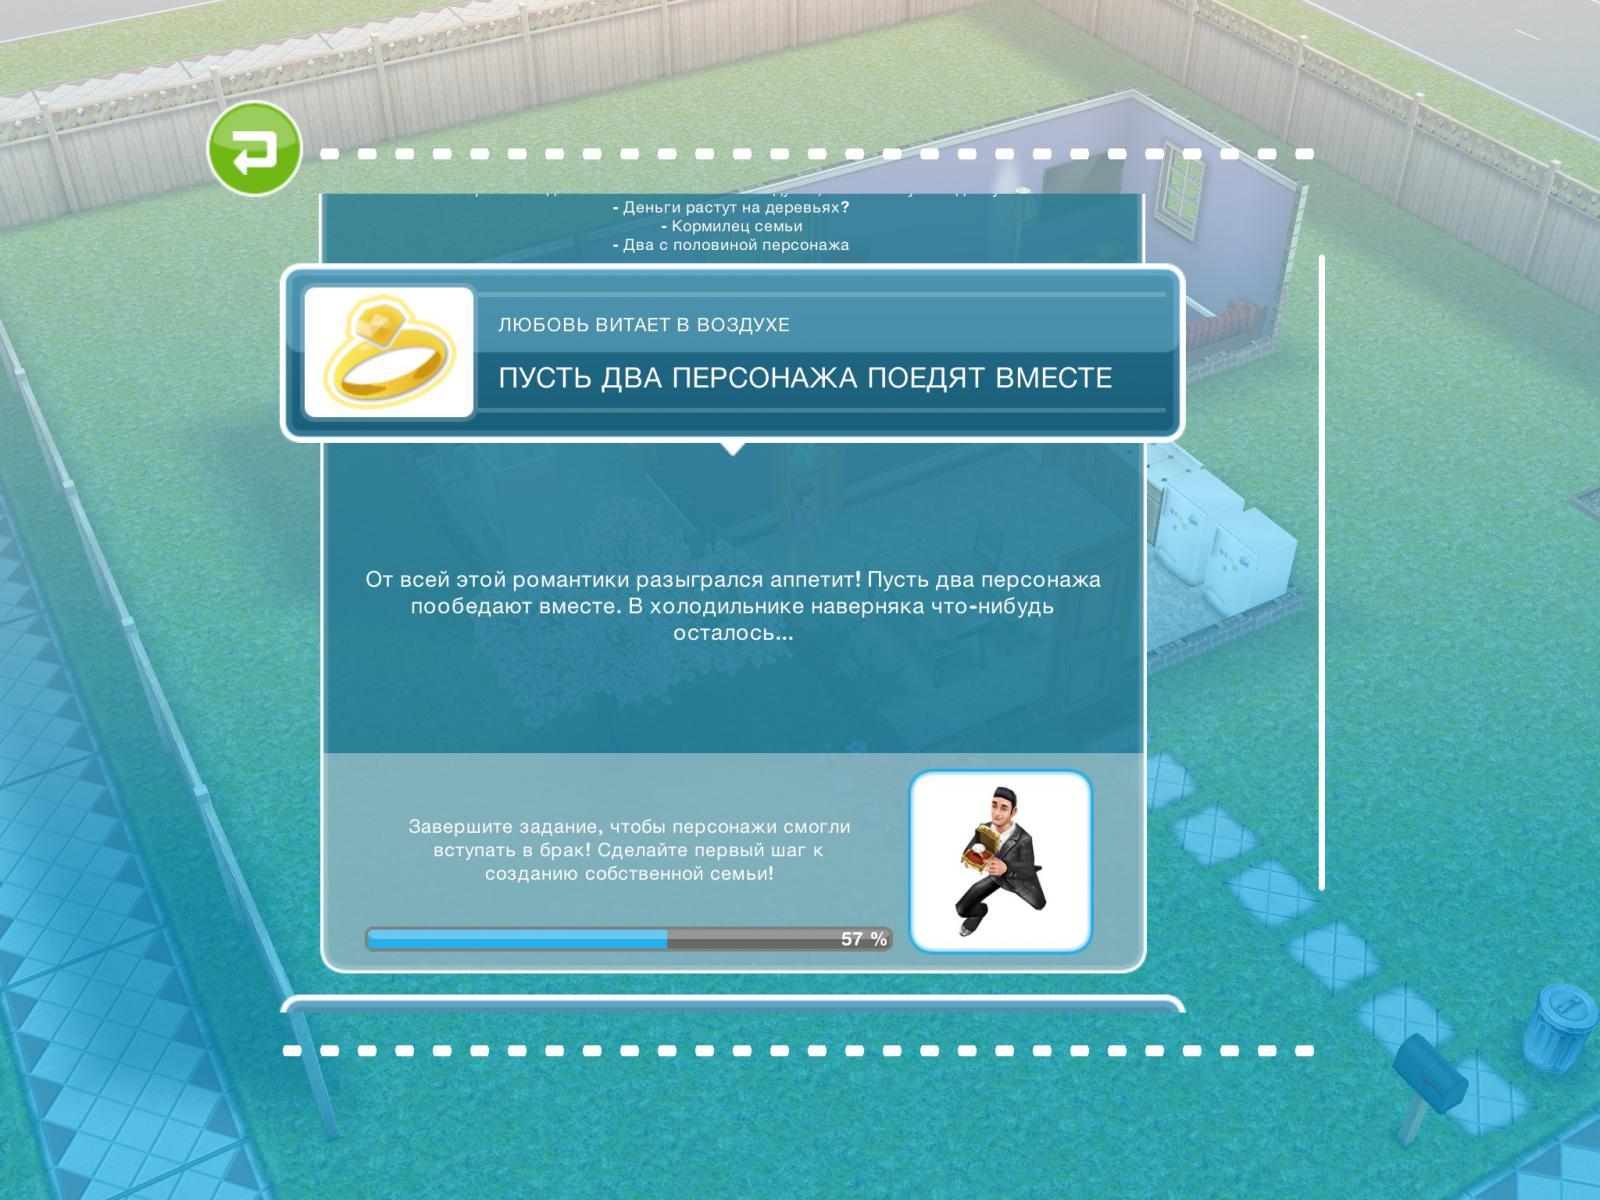 Множество интересных заданий приготовили разработчики игры sims freeplay.